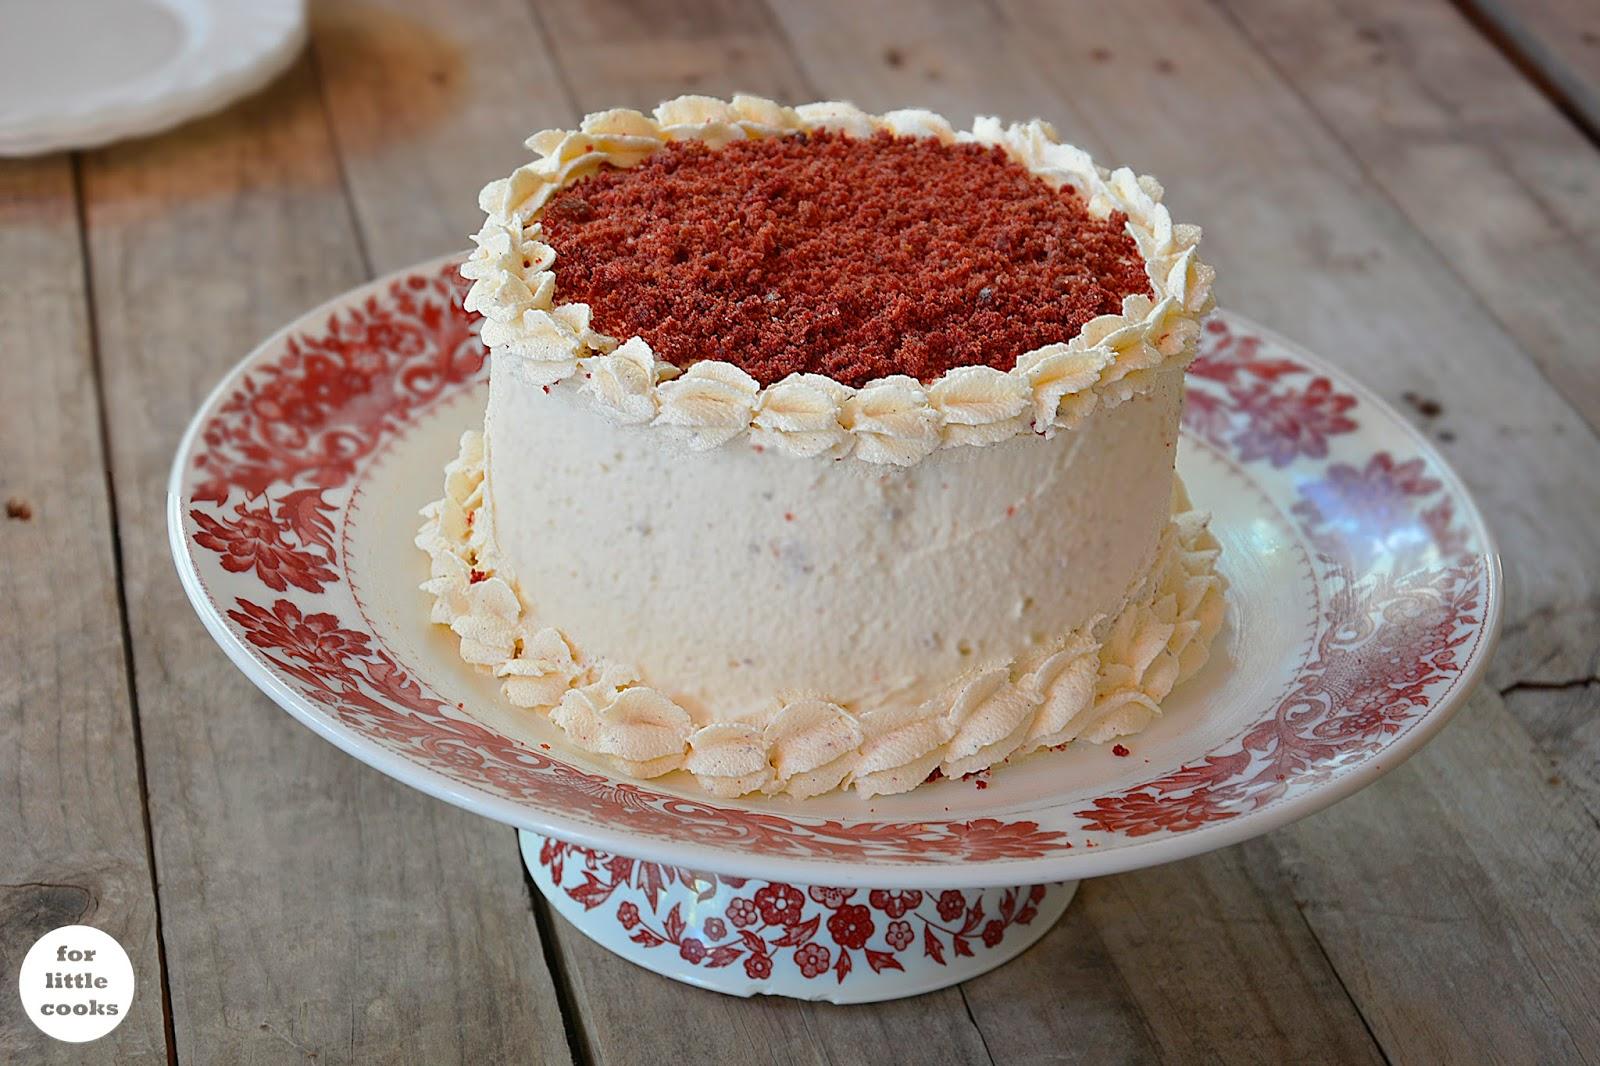 For little cooks recetas para todos tarta red velvet - Tarta red velvet alma obregon ...